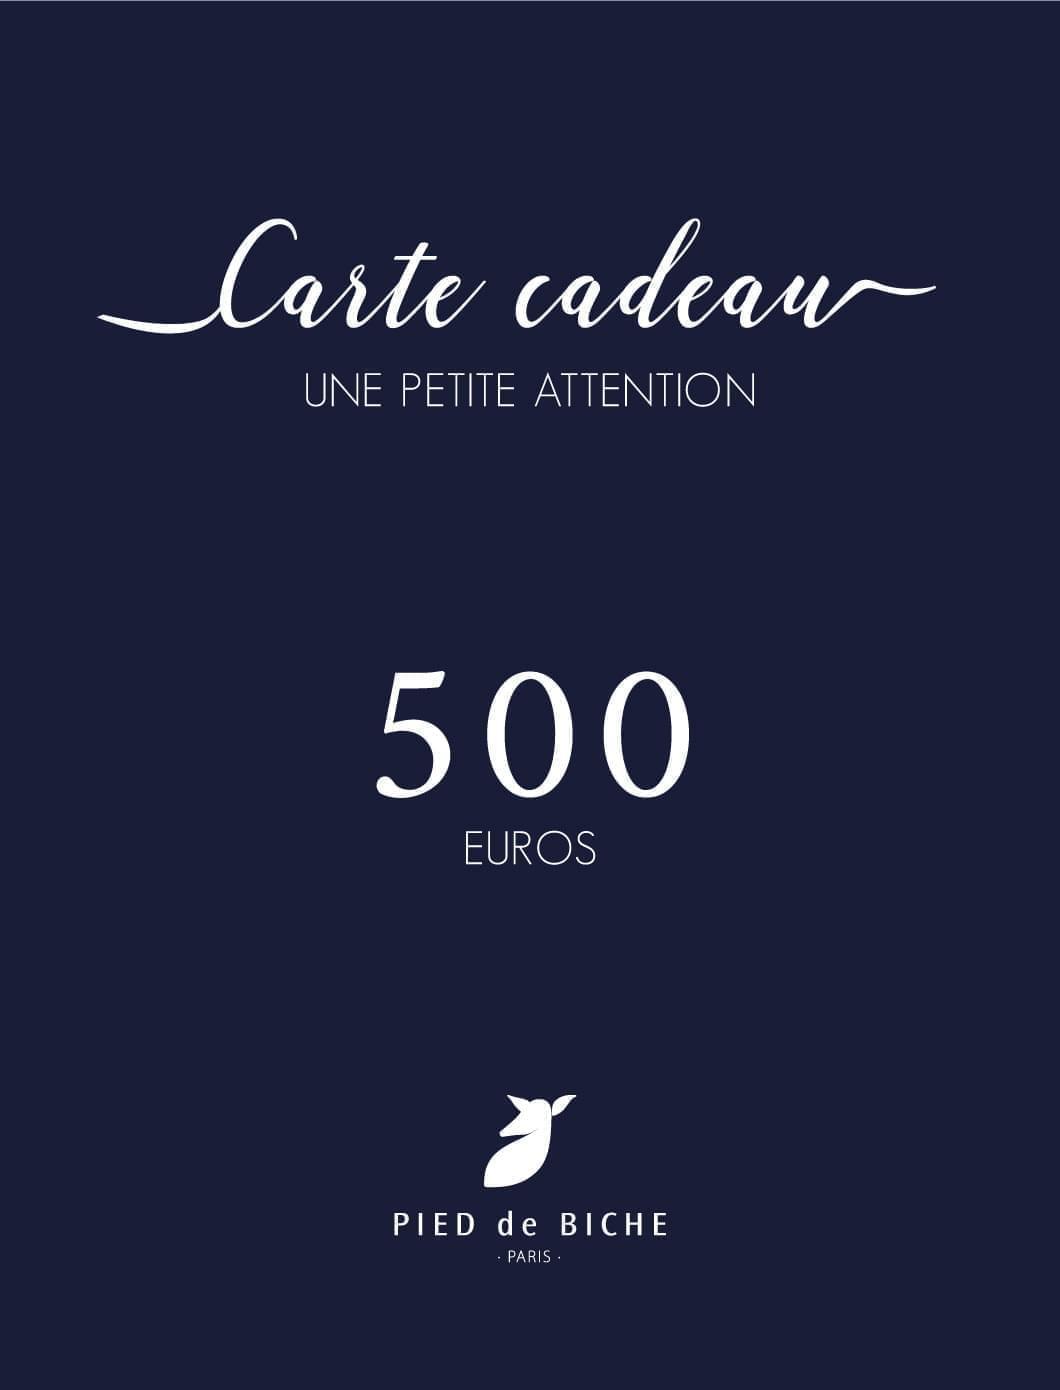 Carte cadeau 500 euros